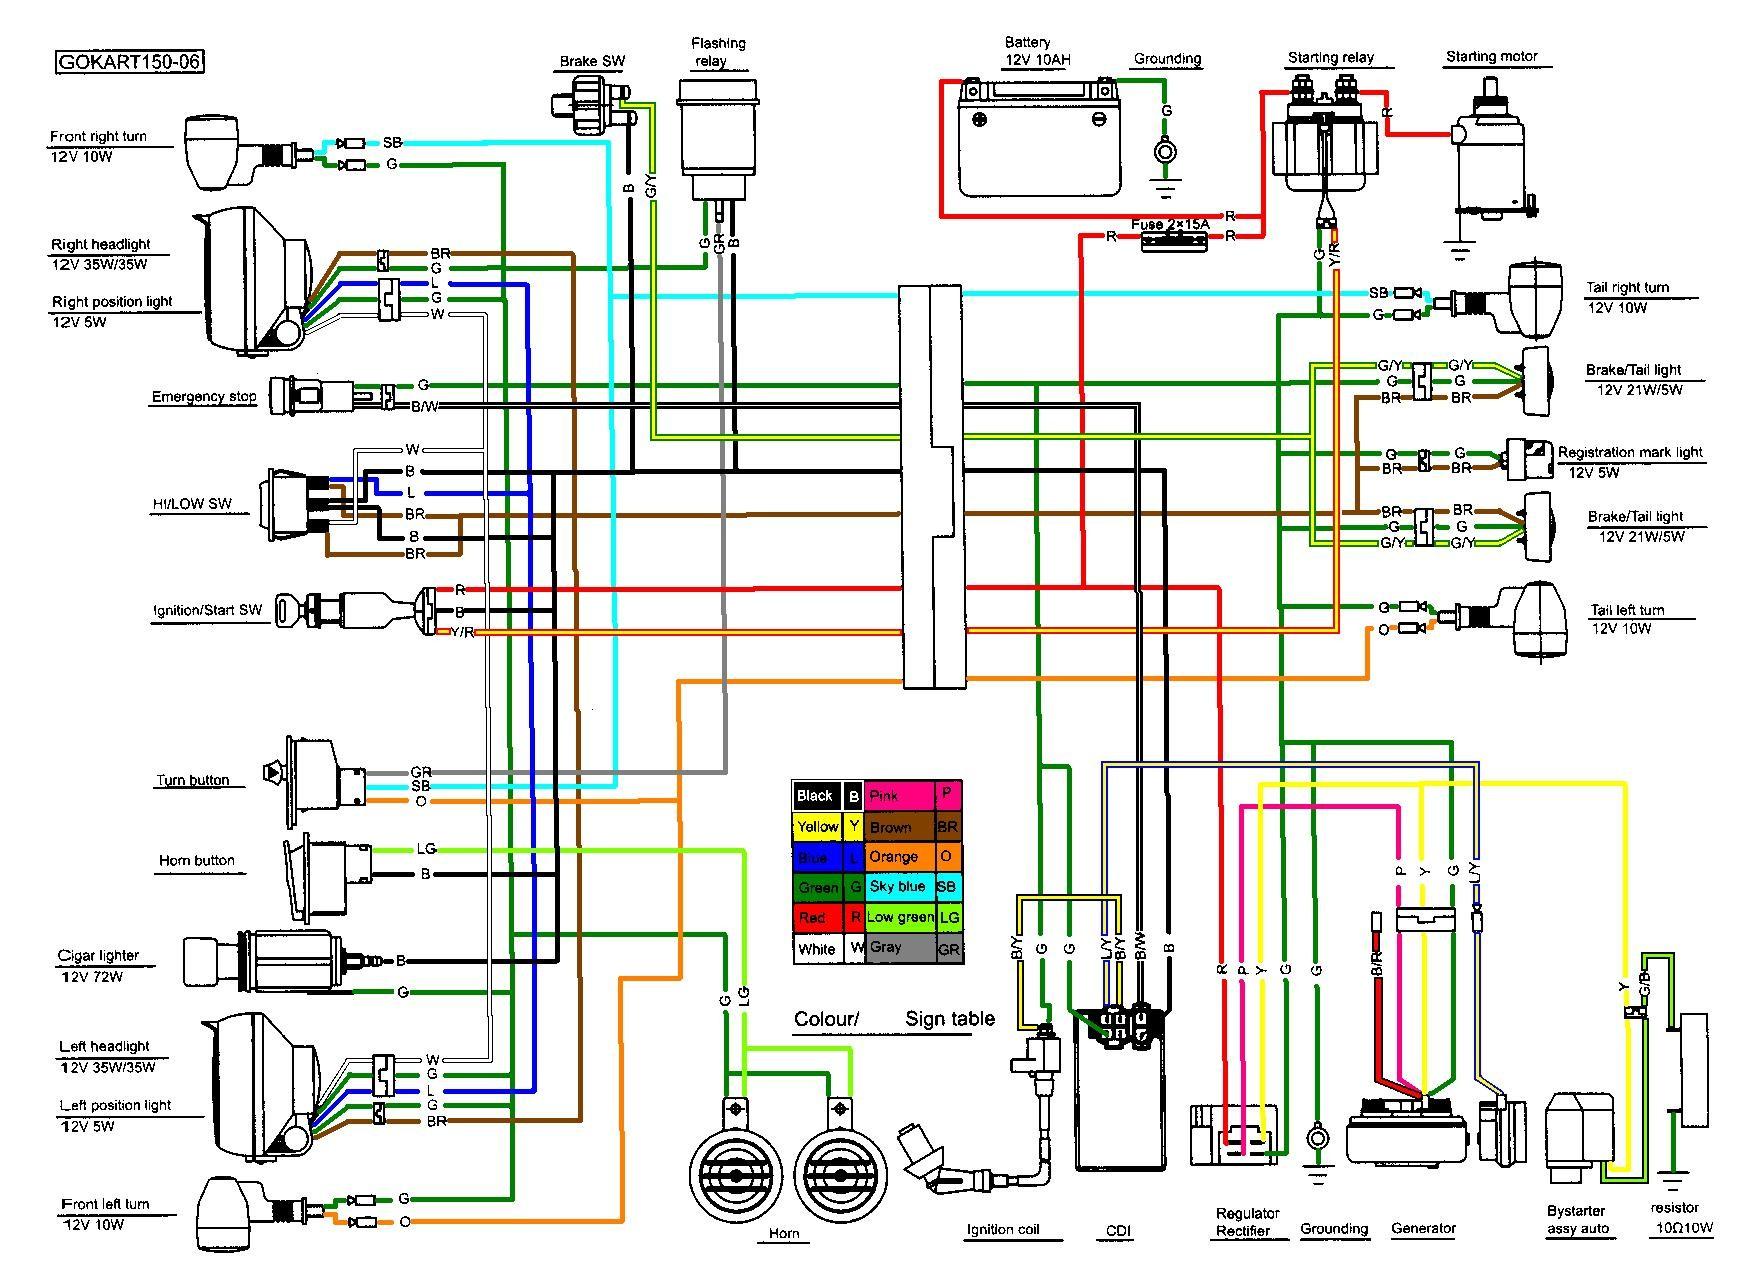 Jetmoto Atv Wiring Diagram | Wiring Diagrams